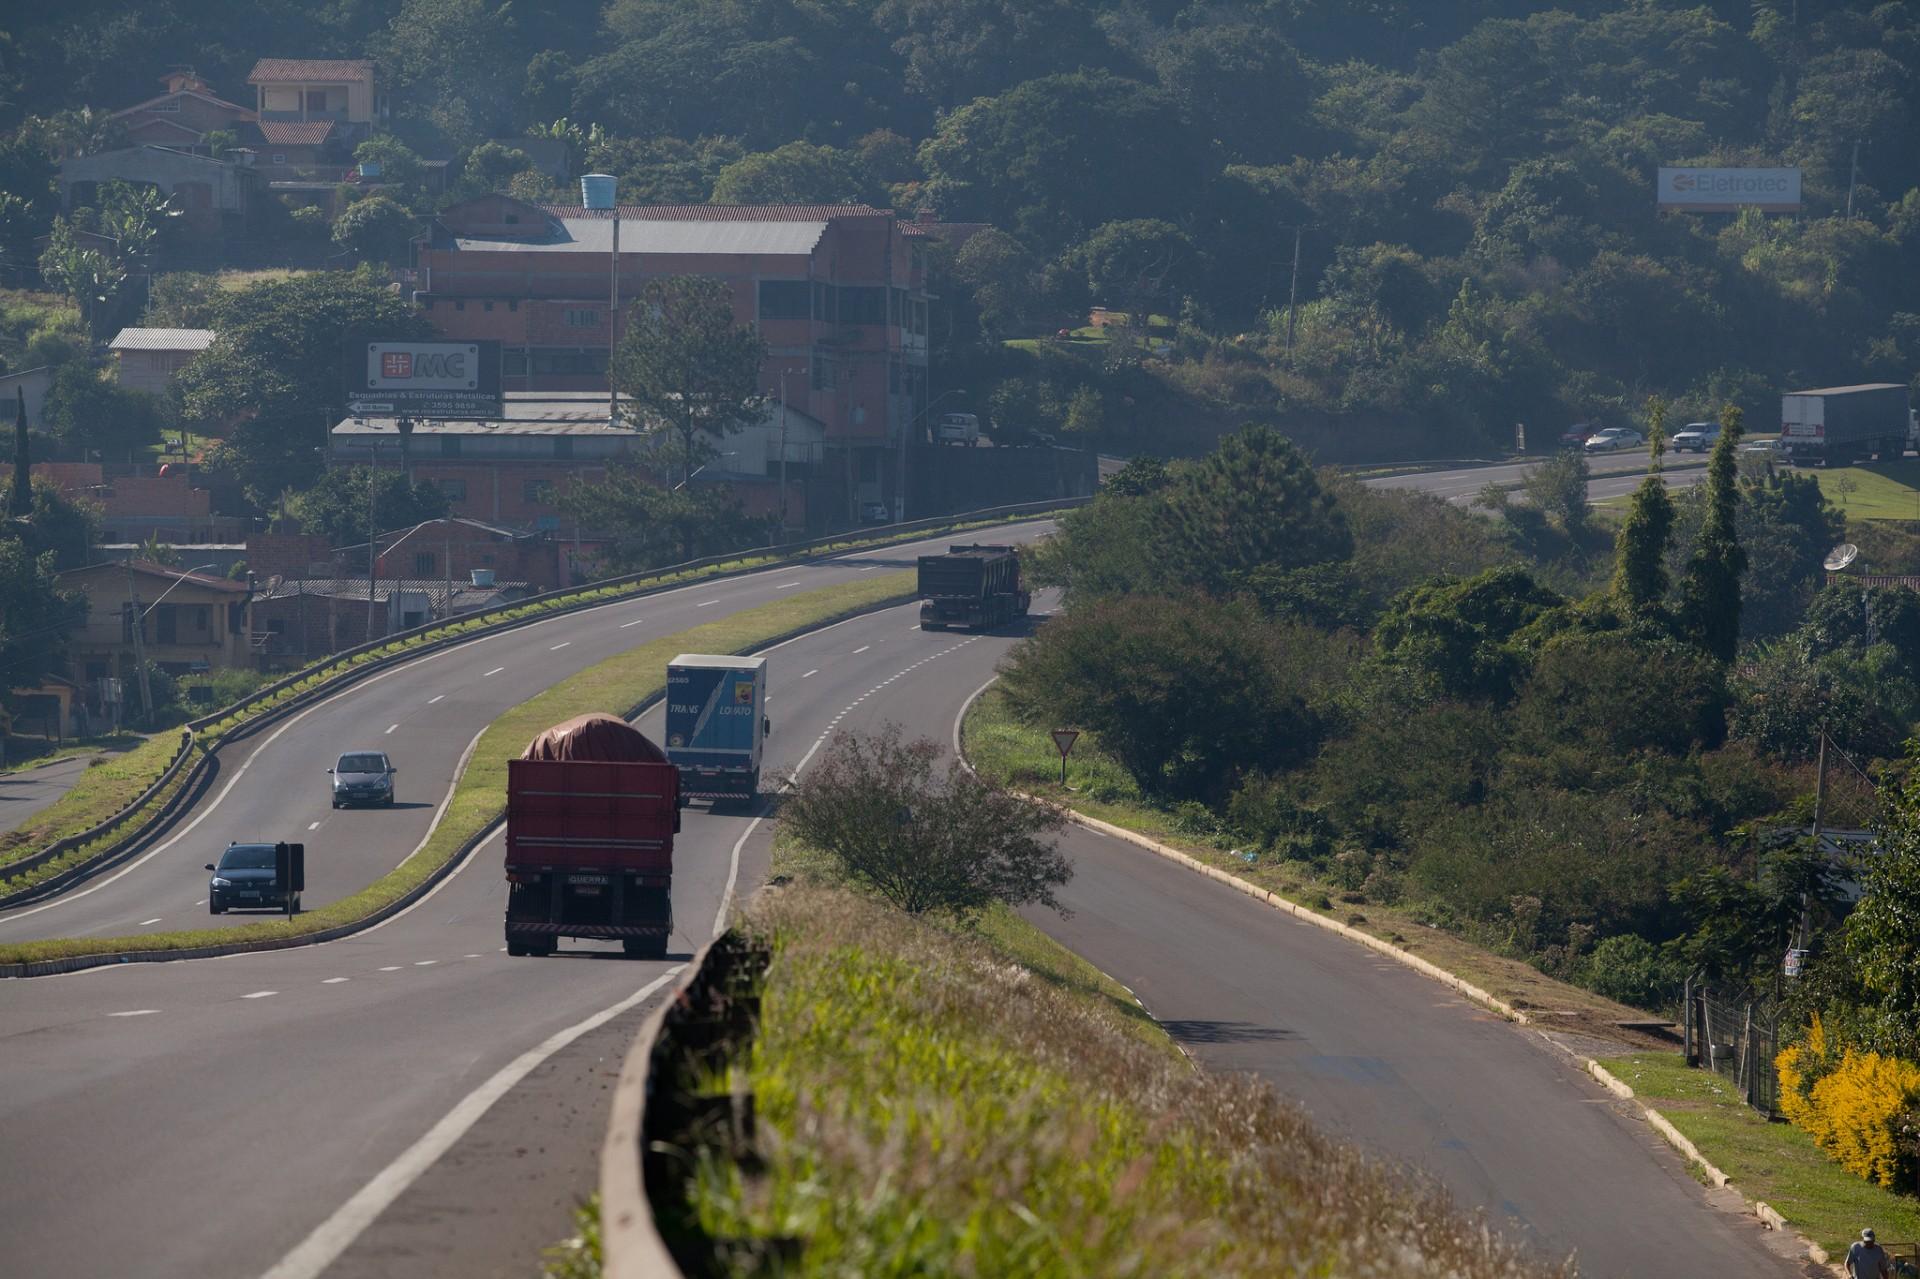 Daer institui novas normas para transporte de cargas em rodovias do RS